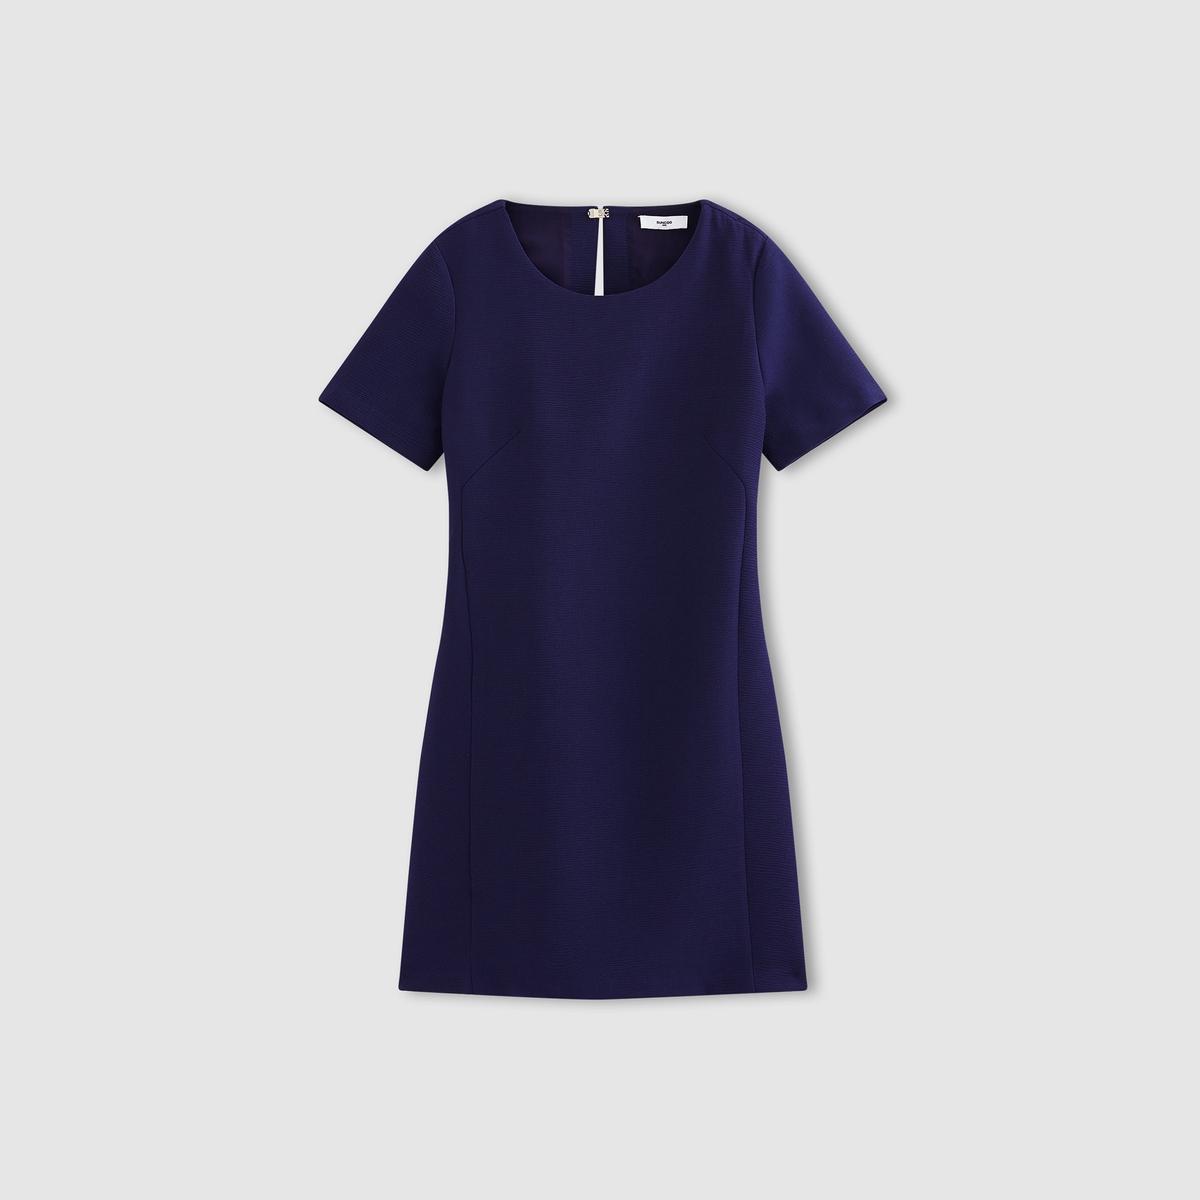 Платье CodyСостав и описаниеМатериалы : платье 100% полиэстера - подкладка 100% вискозыМарка : SuncooМодель : CodyУходСледуйте рекомендациям по уходу, указанным на этикетке изделия.<br><br>Цвет: синий морской<br>Размер: M